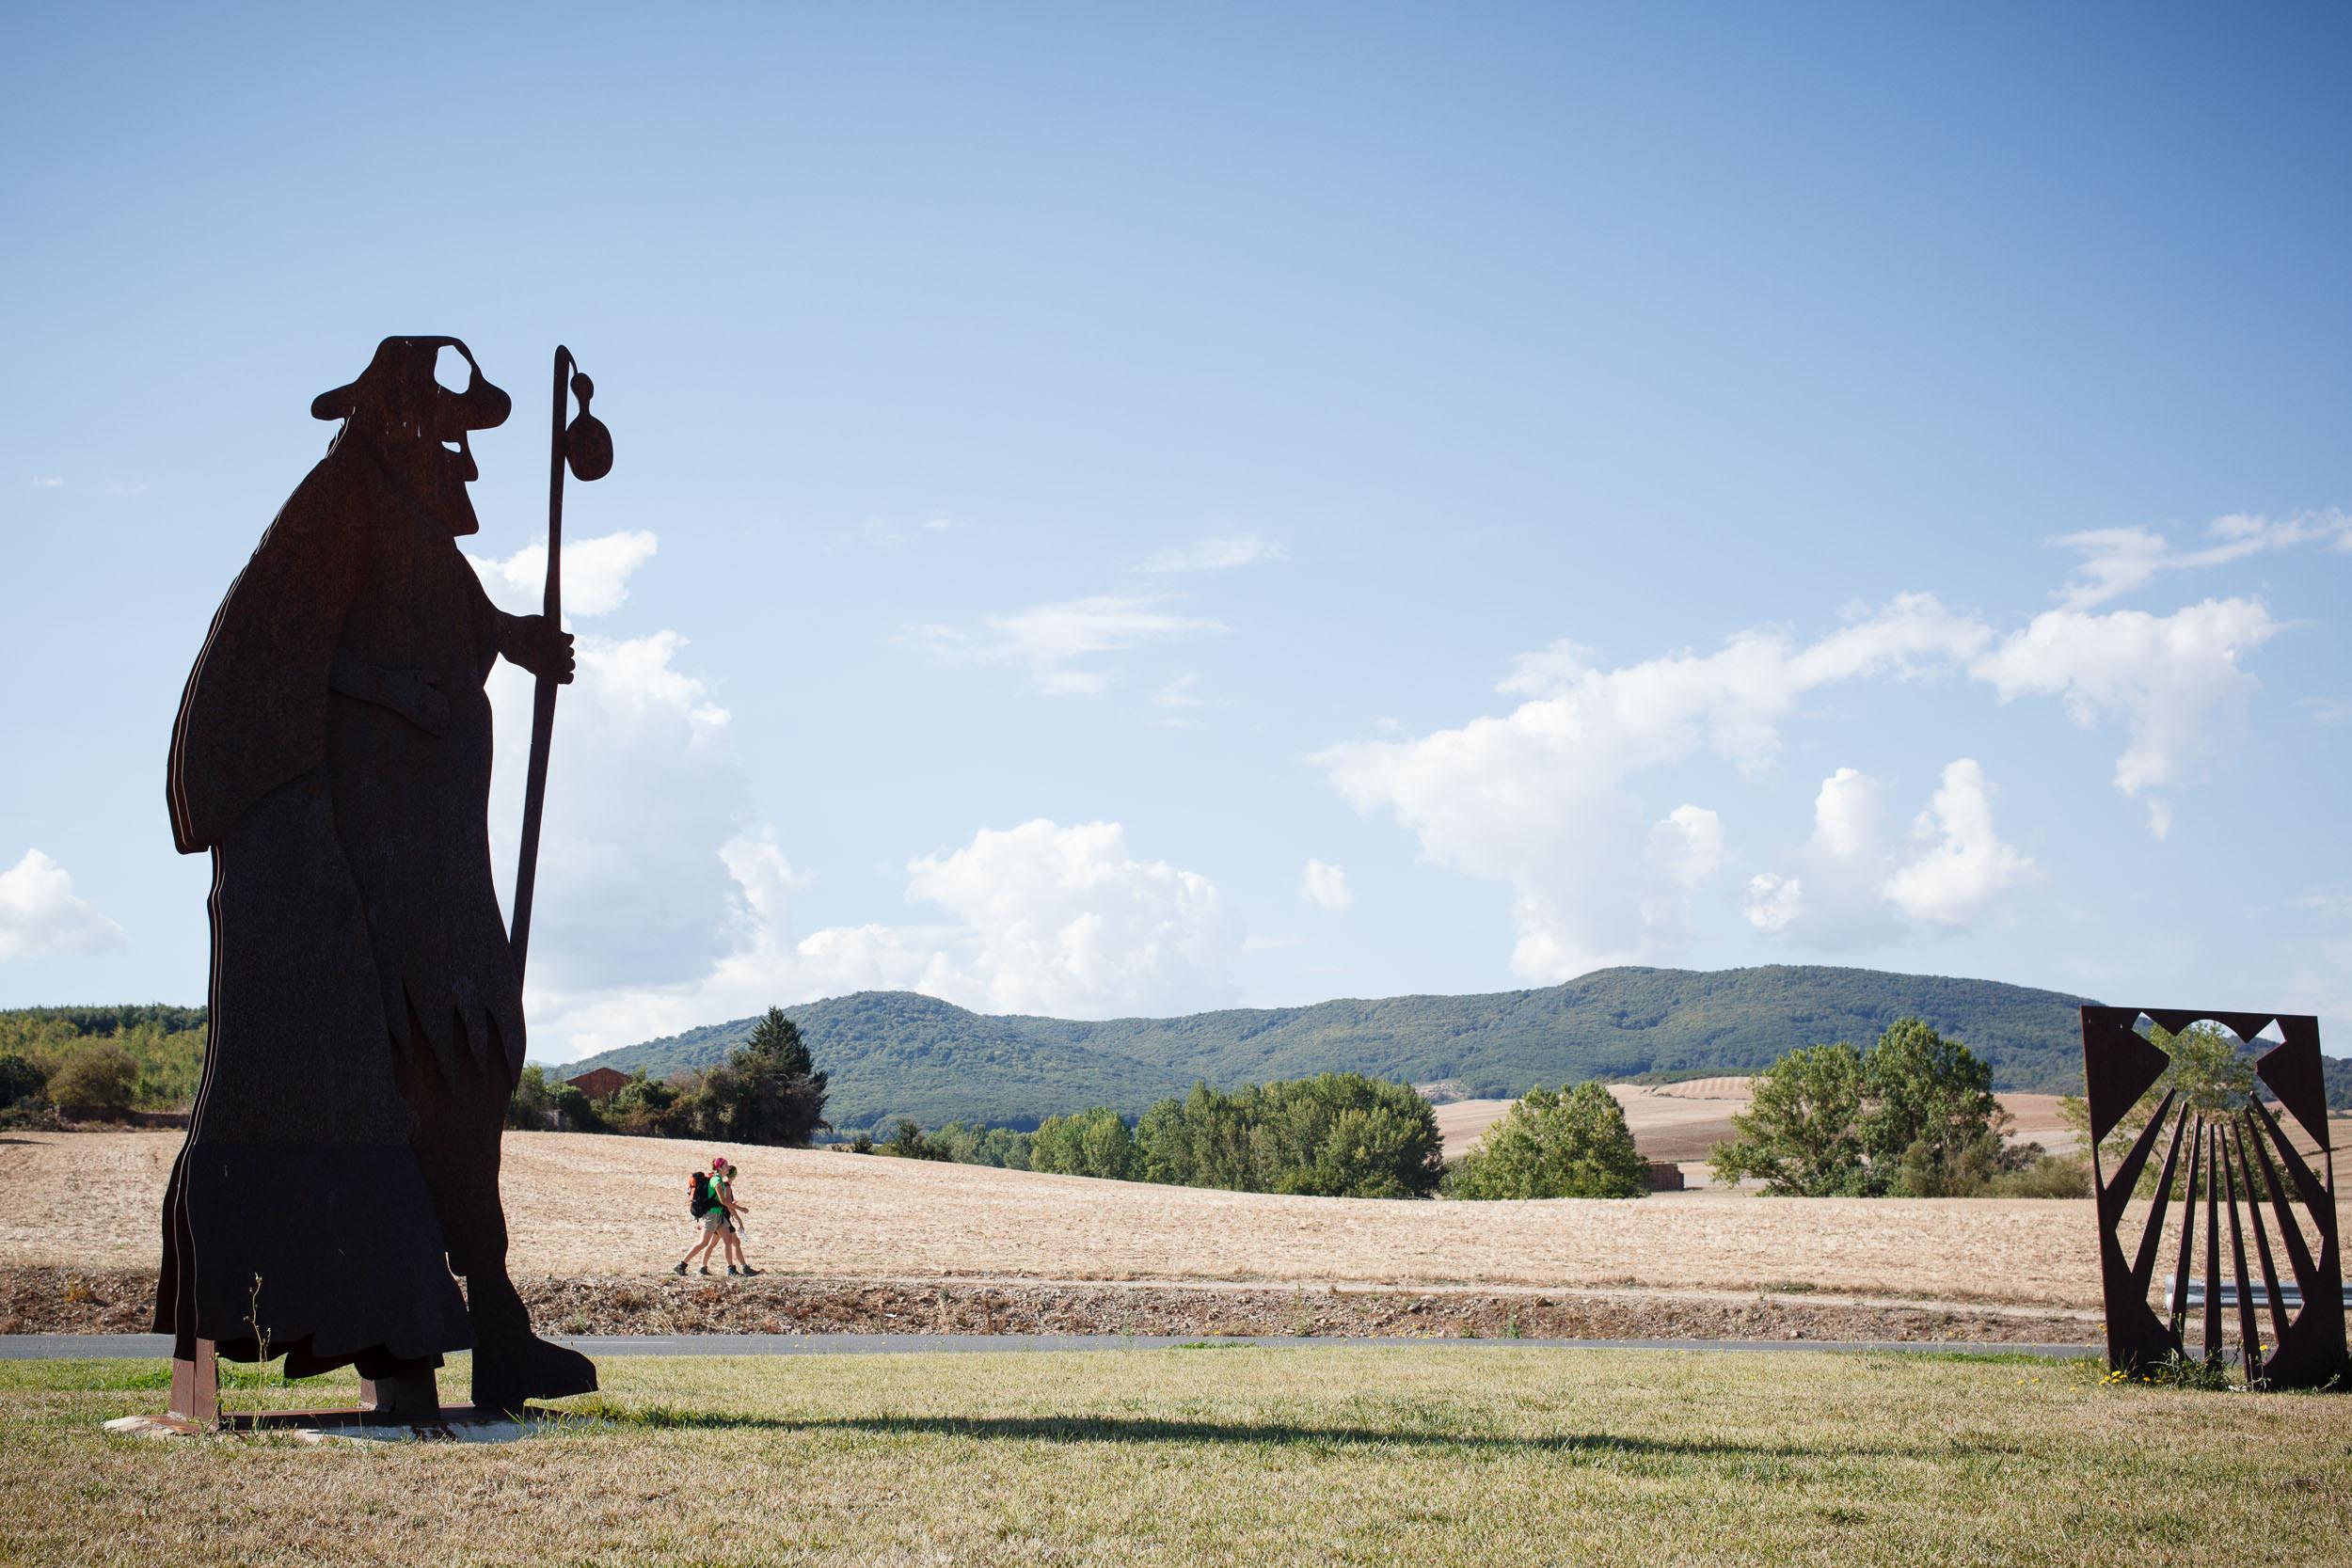 13/09/14 Peregrinos en el Camino de Santiago en Cirueña, La Rioja, España. Foto @ James Sturcke   www.sturcke.org